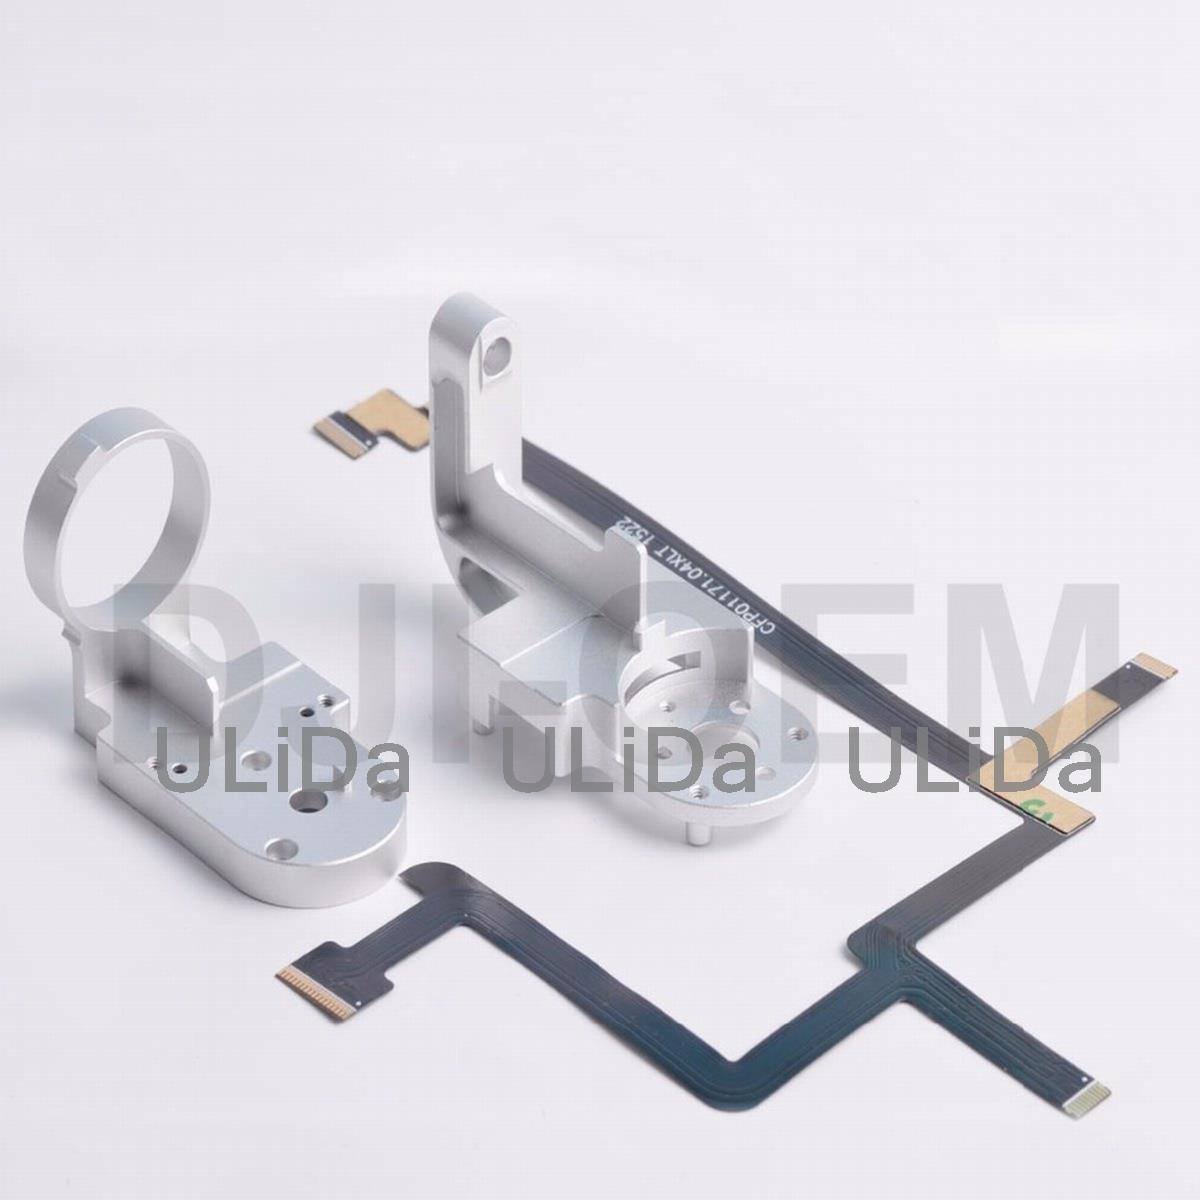 S988-10 pièces SMD DEL 0805 jaune avec câble Microlitze fini angelötet